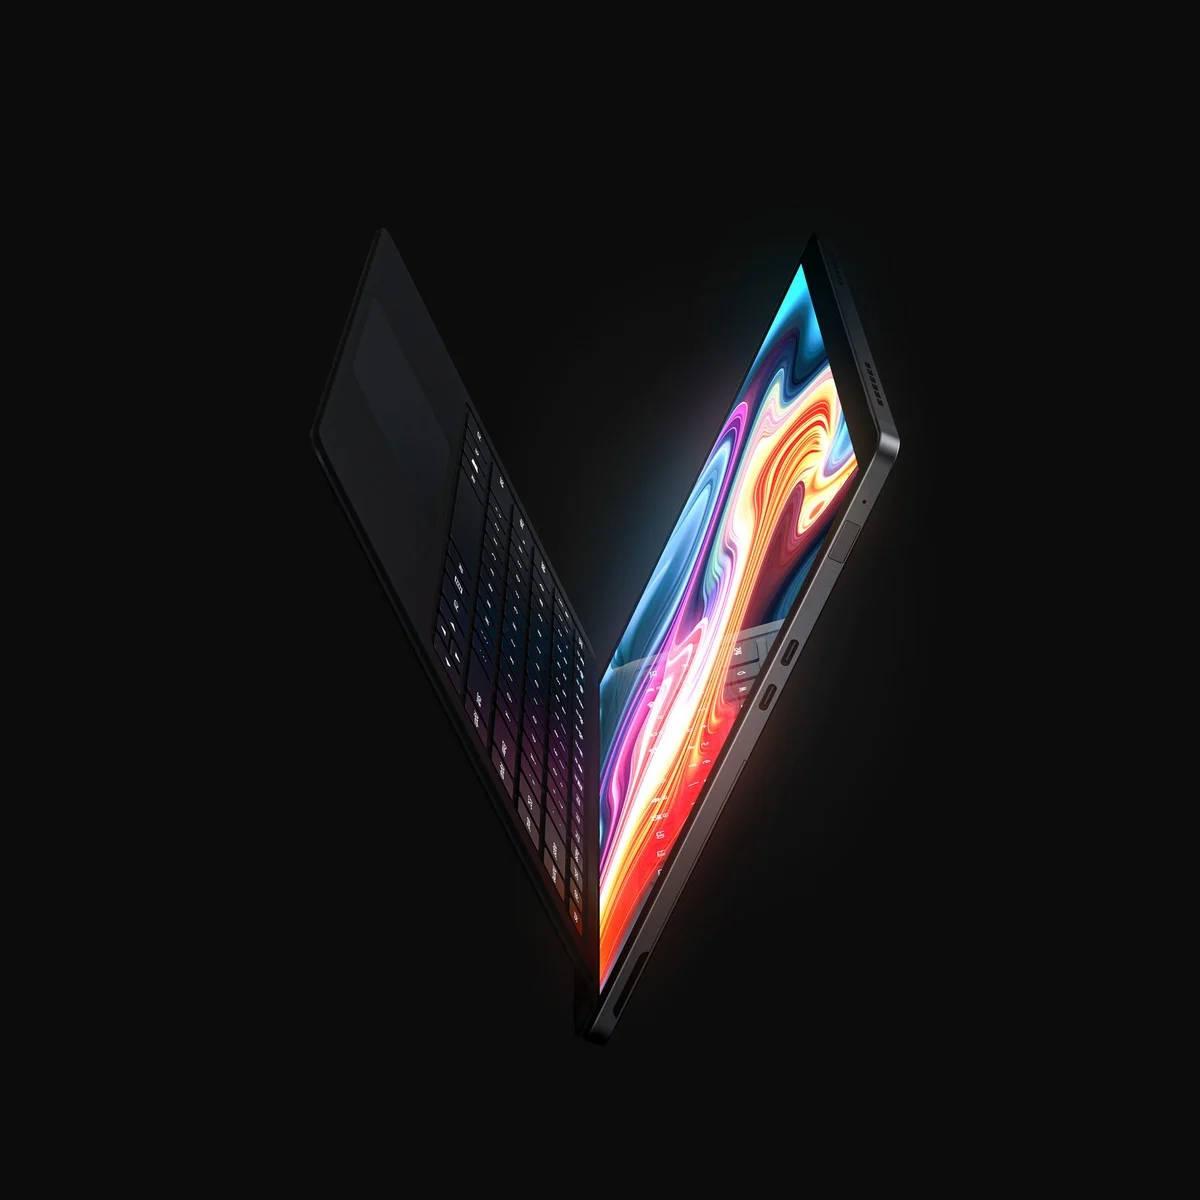 laptop 2w1 Eve V 2 cena specyfikacja techniczna dane techniczne gdzie kupić najtaniej Windows 10